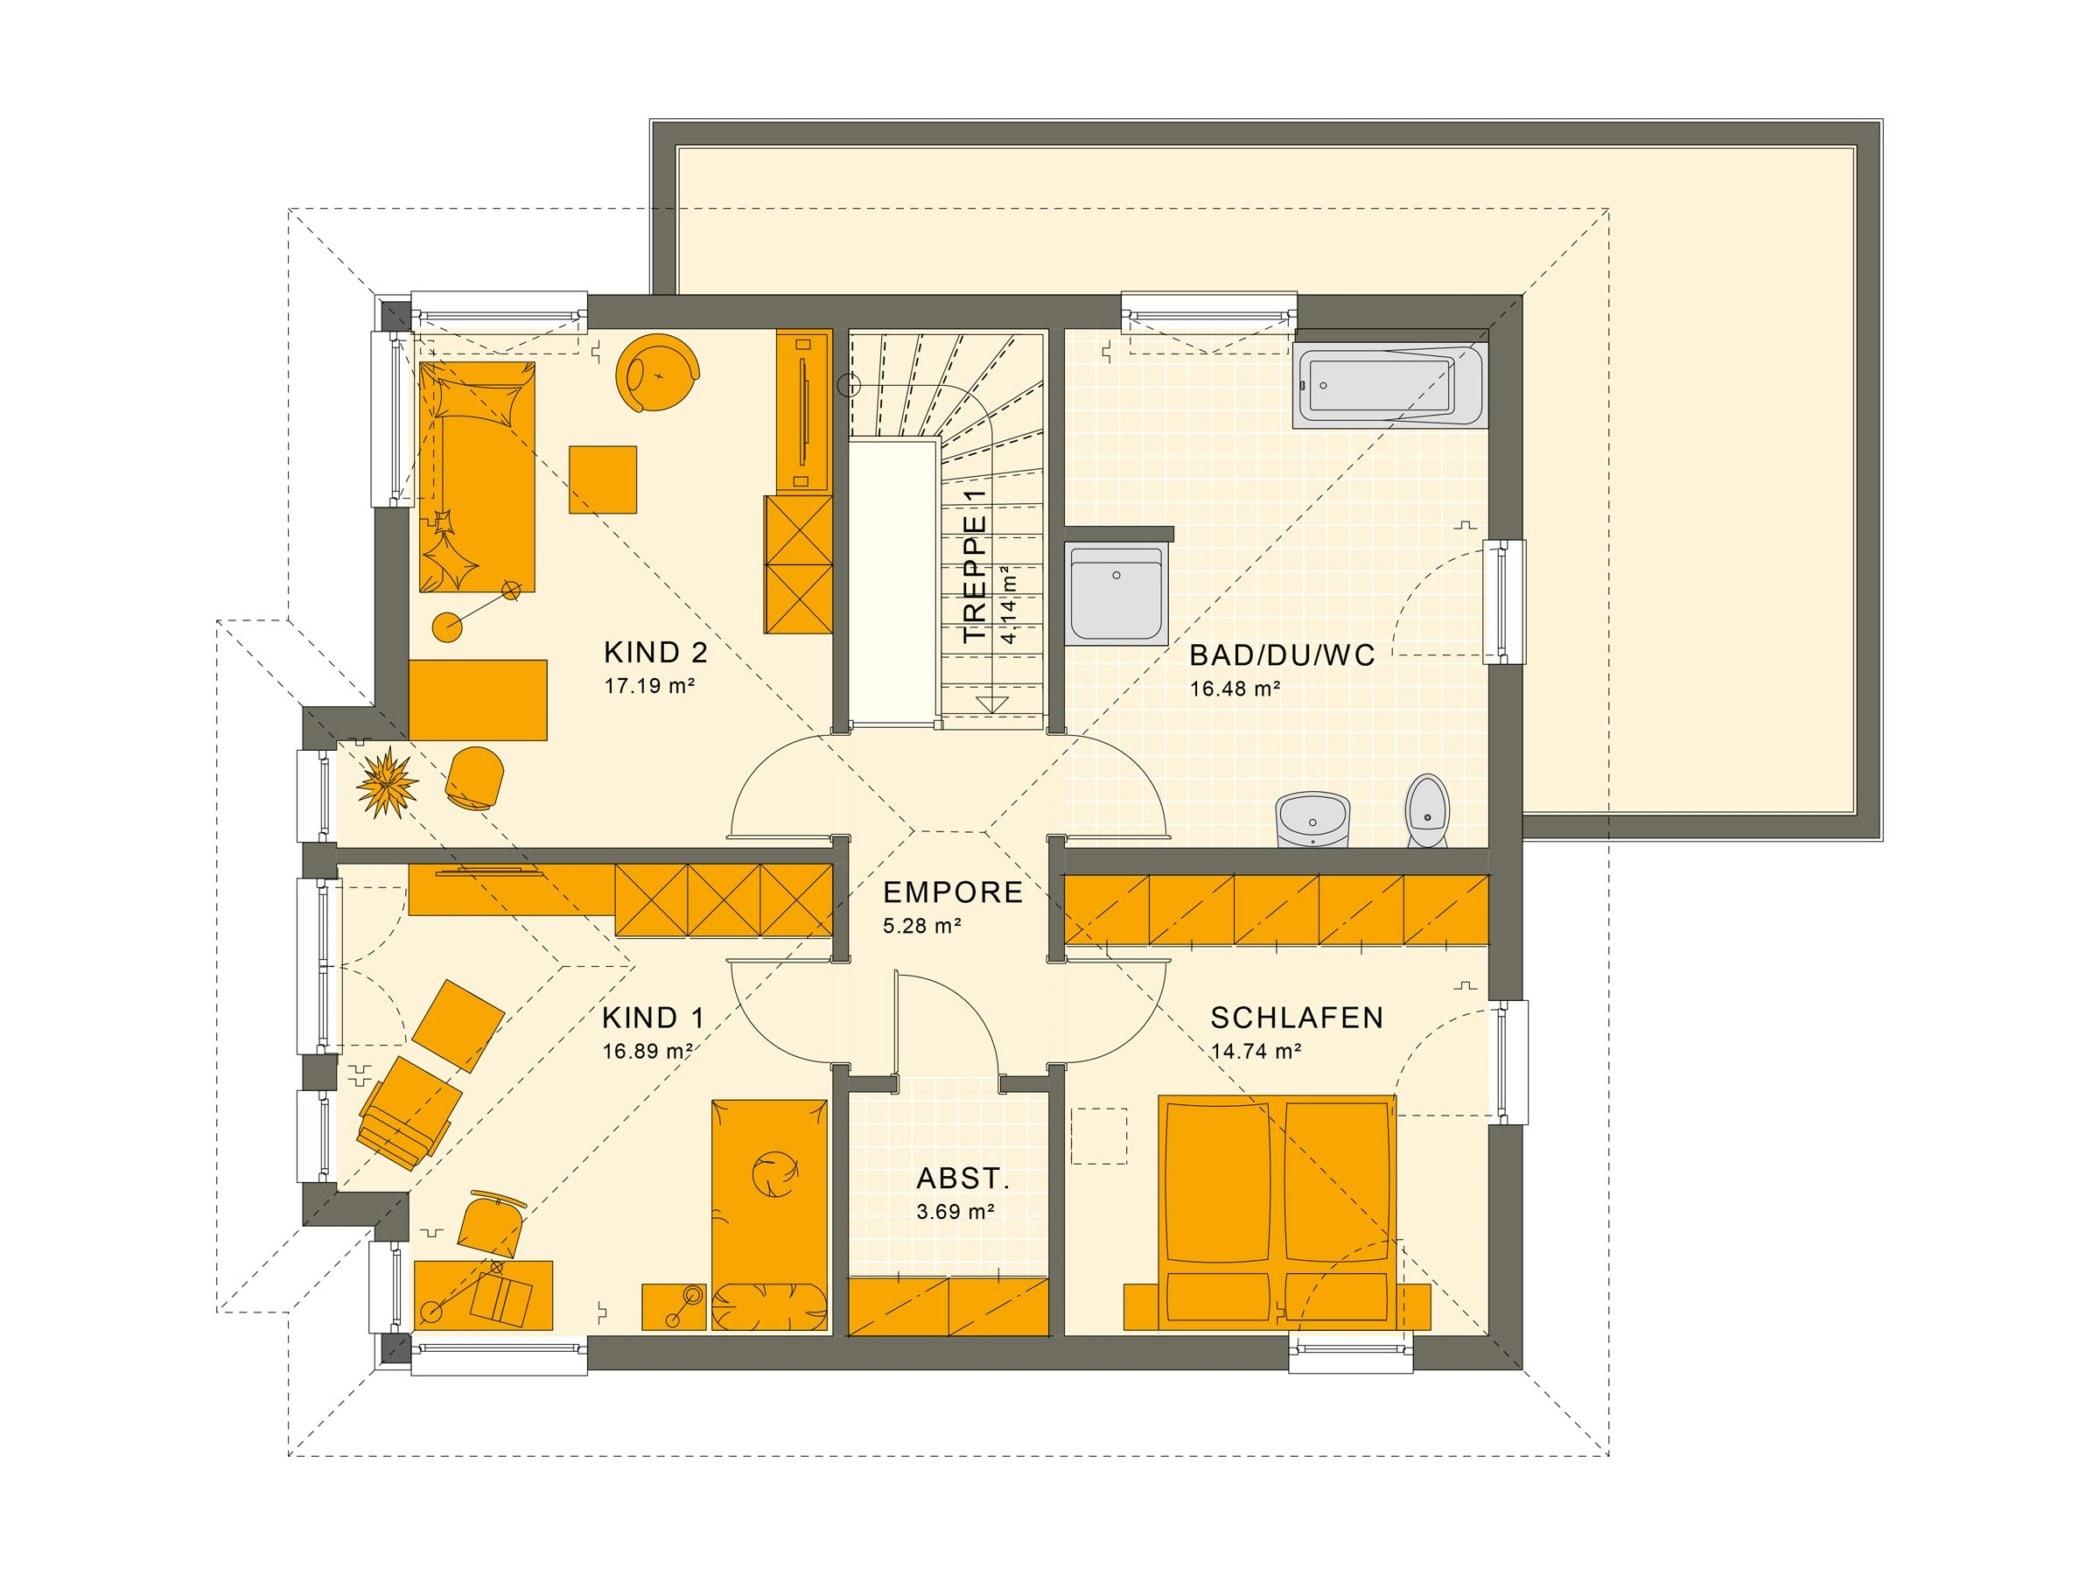 Fertighaus Stadtvilla Grundriss Obergeschoss mit Walmdach, 5 Zimmer, 150 qm - Living Haus SUNSHINE 151 V6 - HausbauDirekt.de